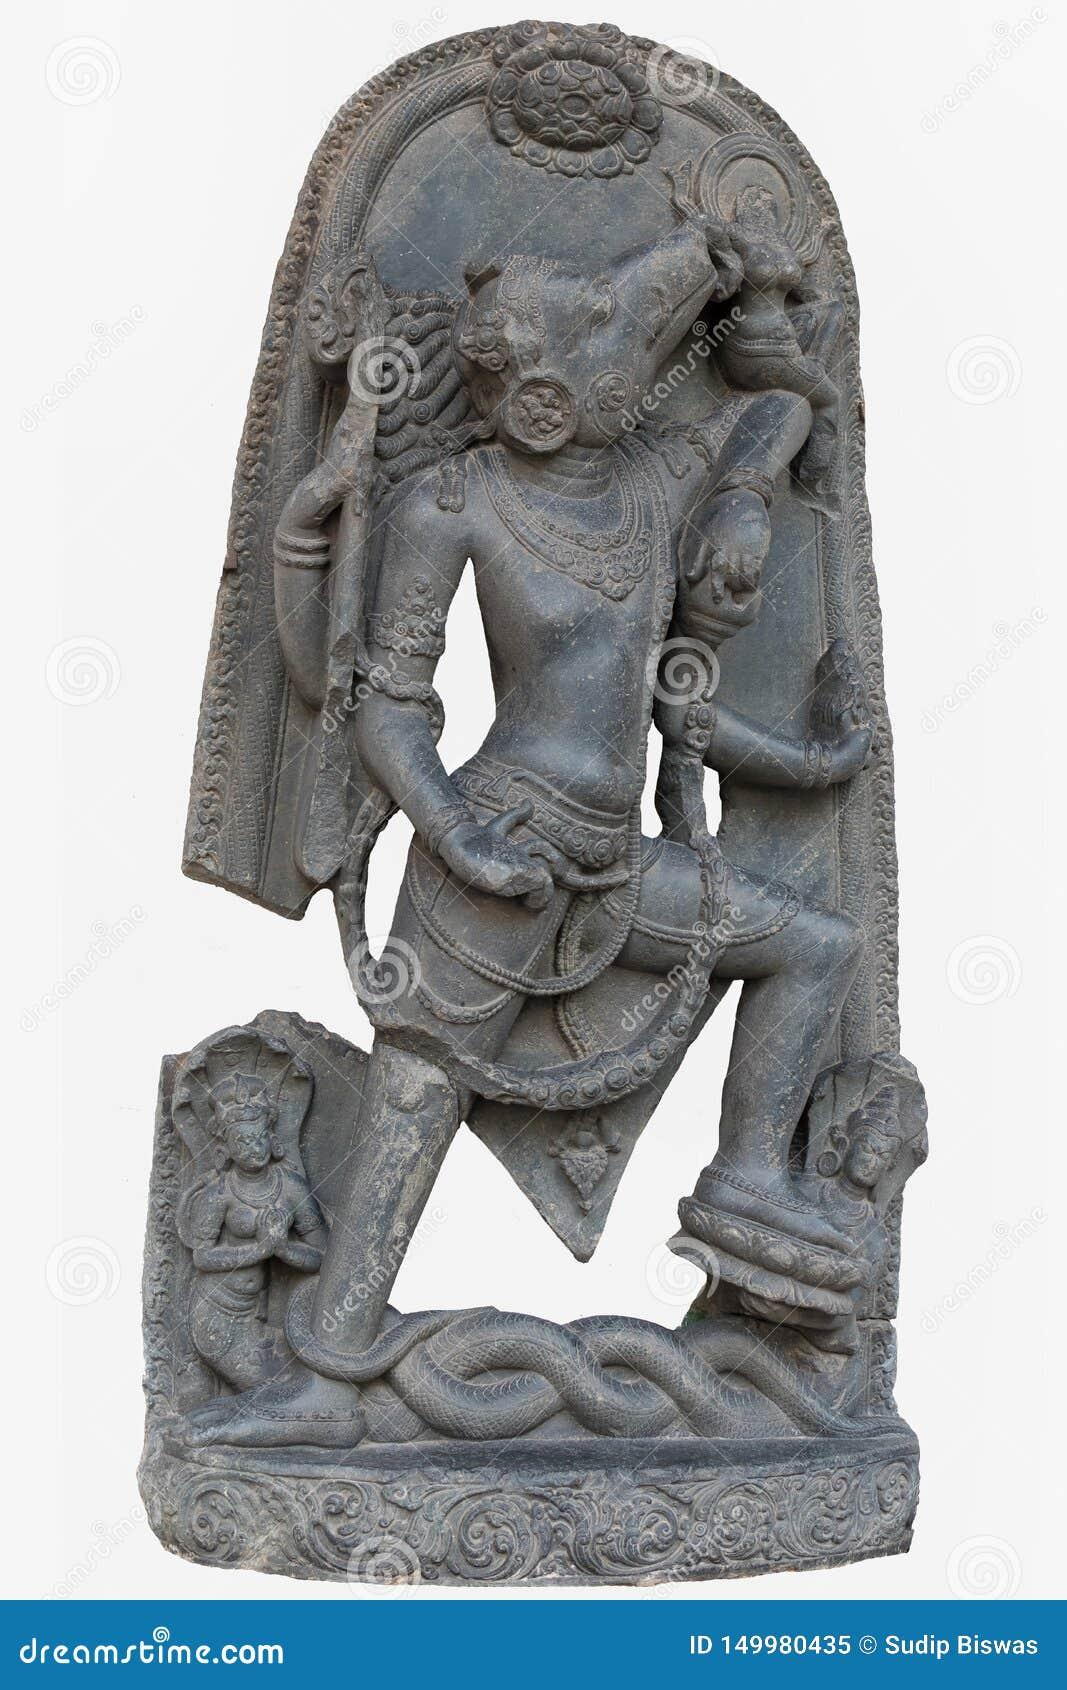 Arkeologisk skulptur av Varahavatara galtinkarnationen av Lord Vishnu från det tionde århundradet, basalt, Surajkund, Nalanda,